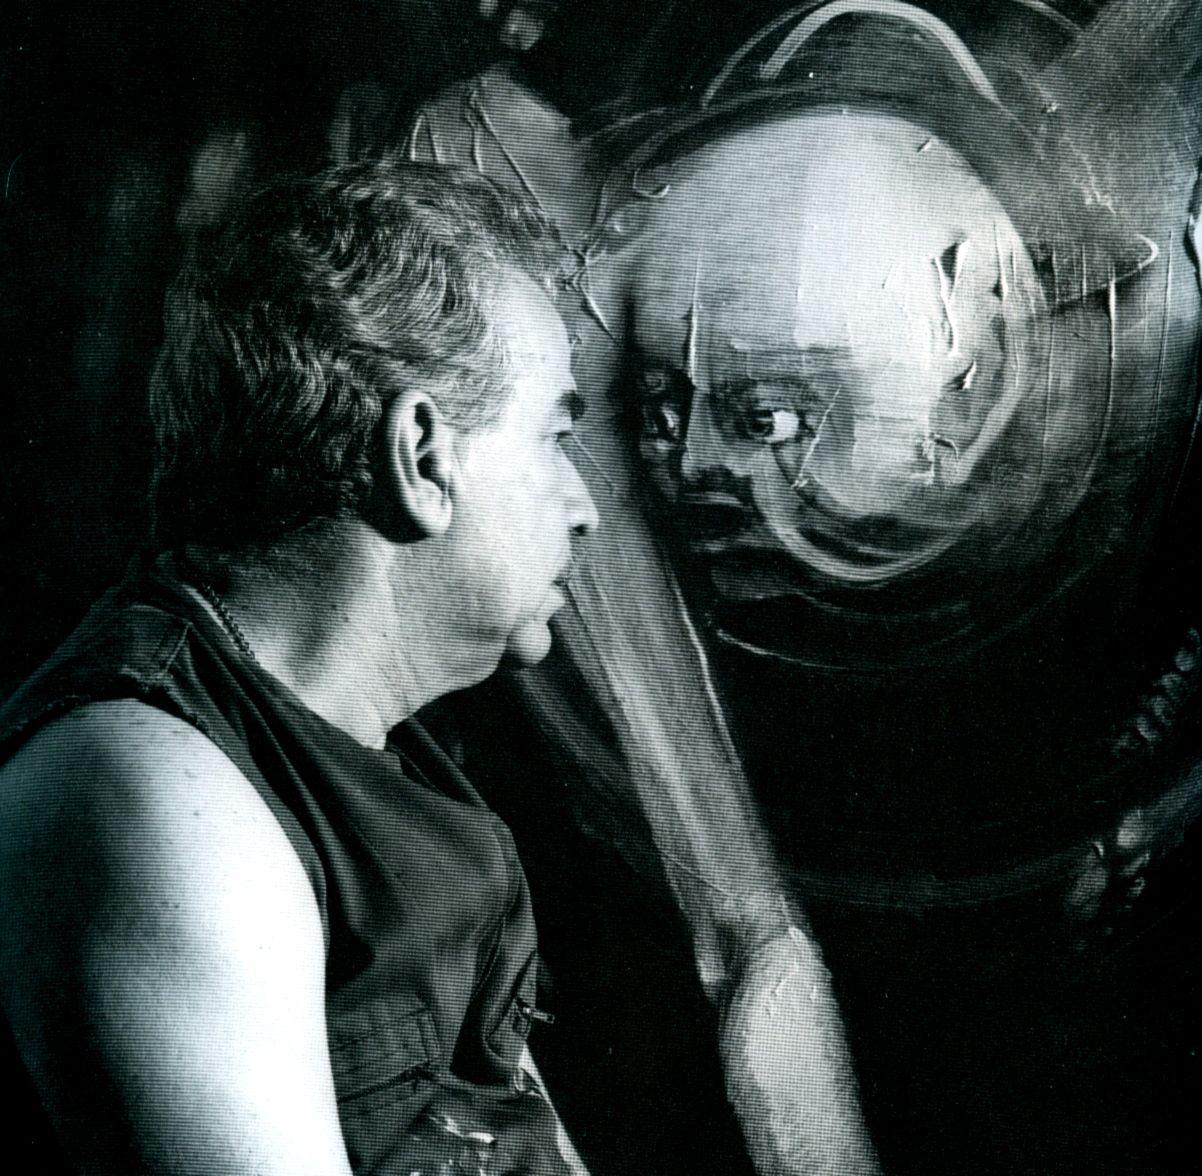 Alirio Rodriguez pintor venezolano